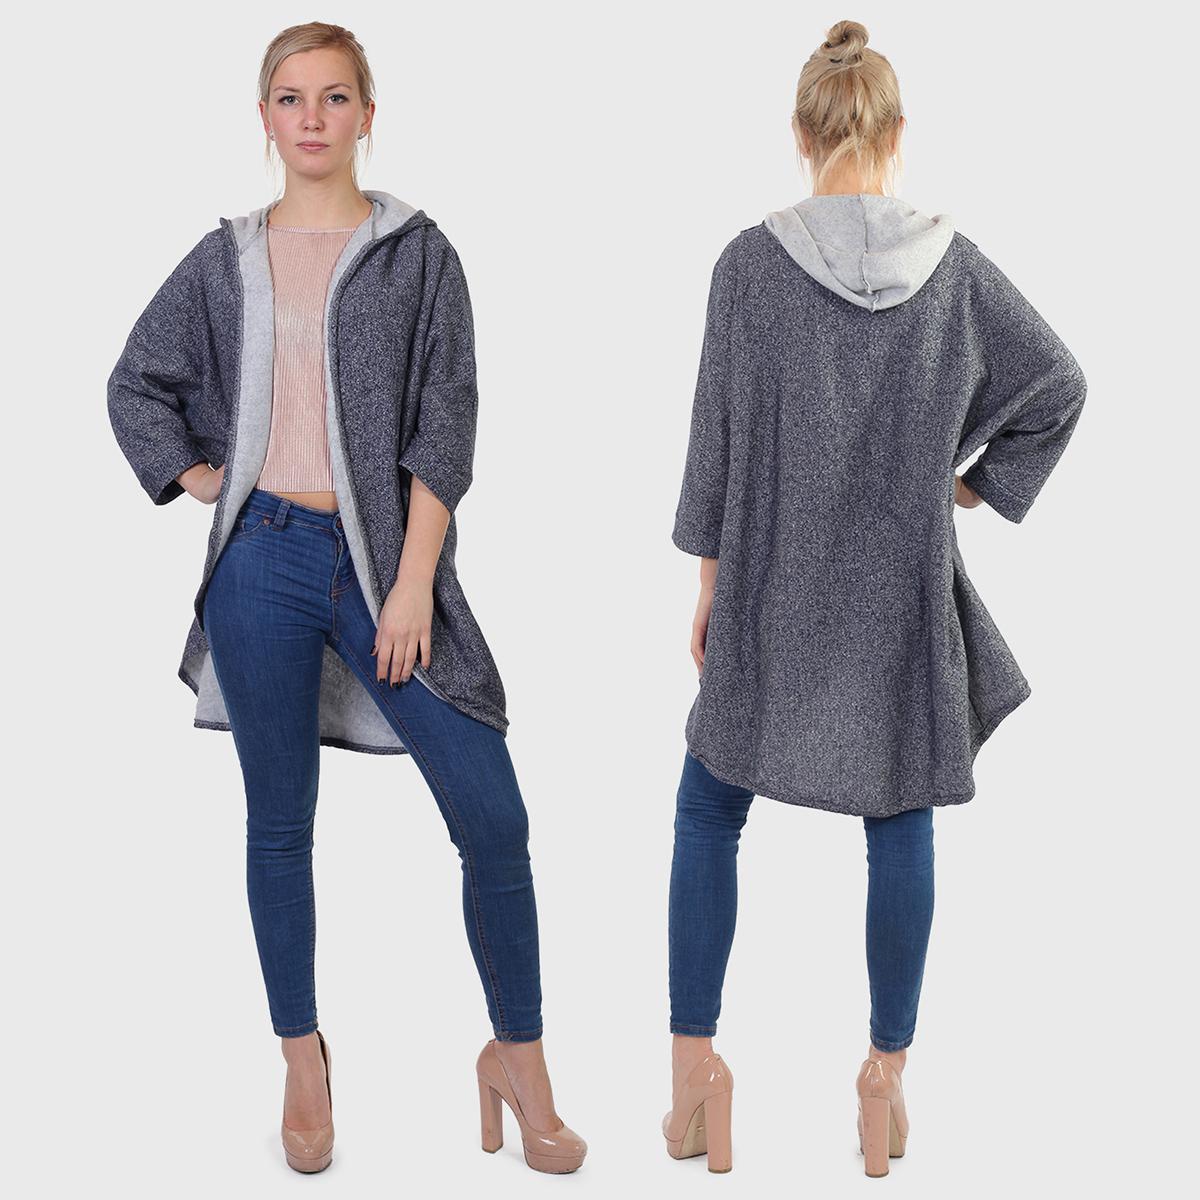 Магазин распродажи брендов женской одежды